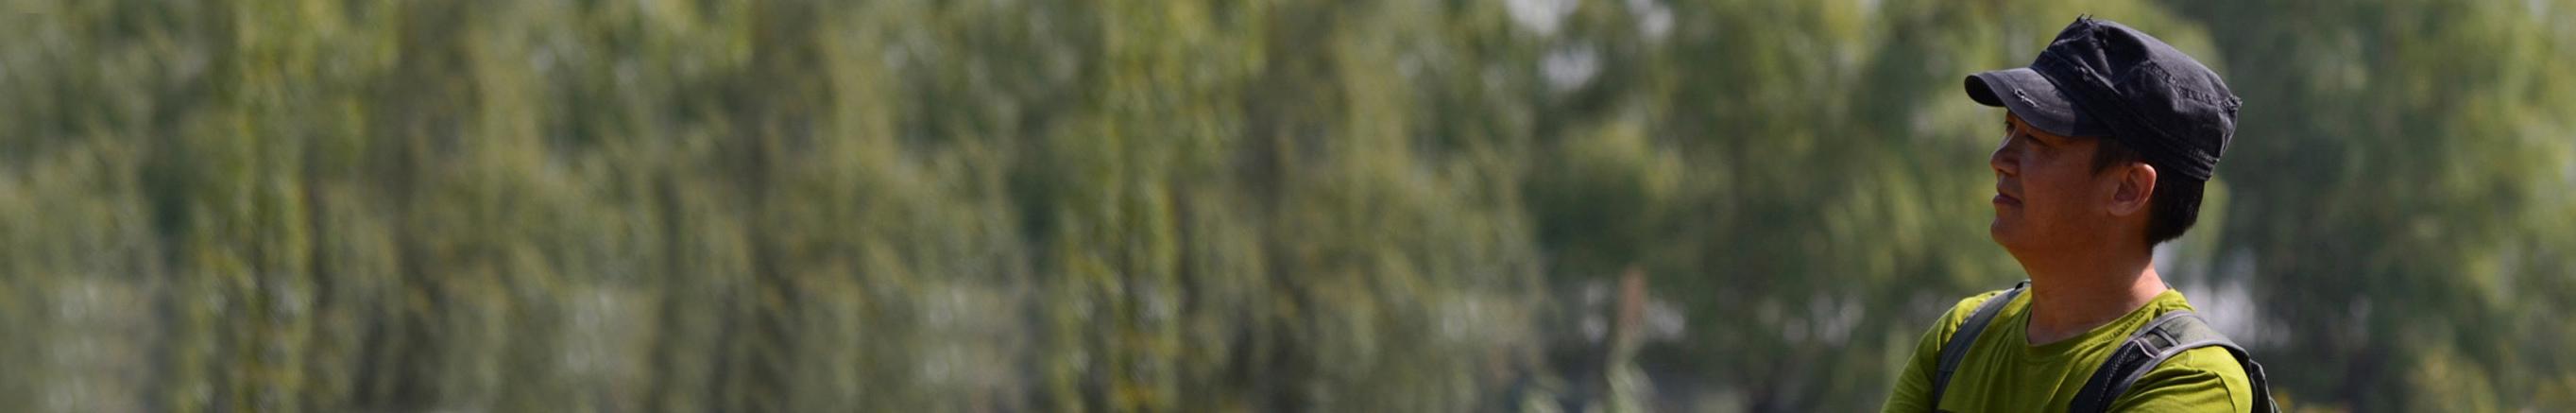 陆路影像 banner